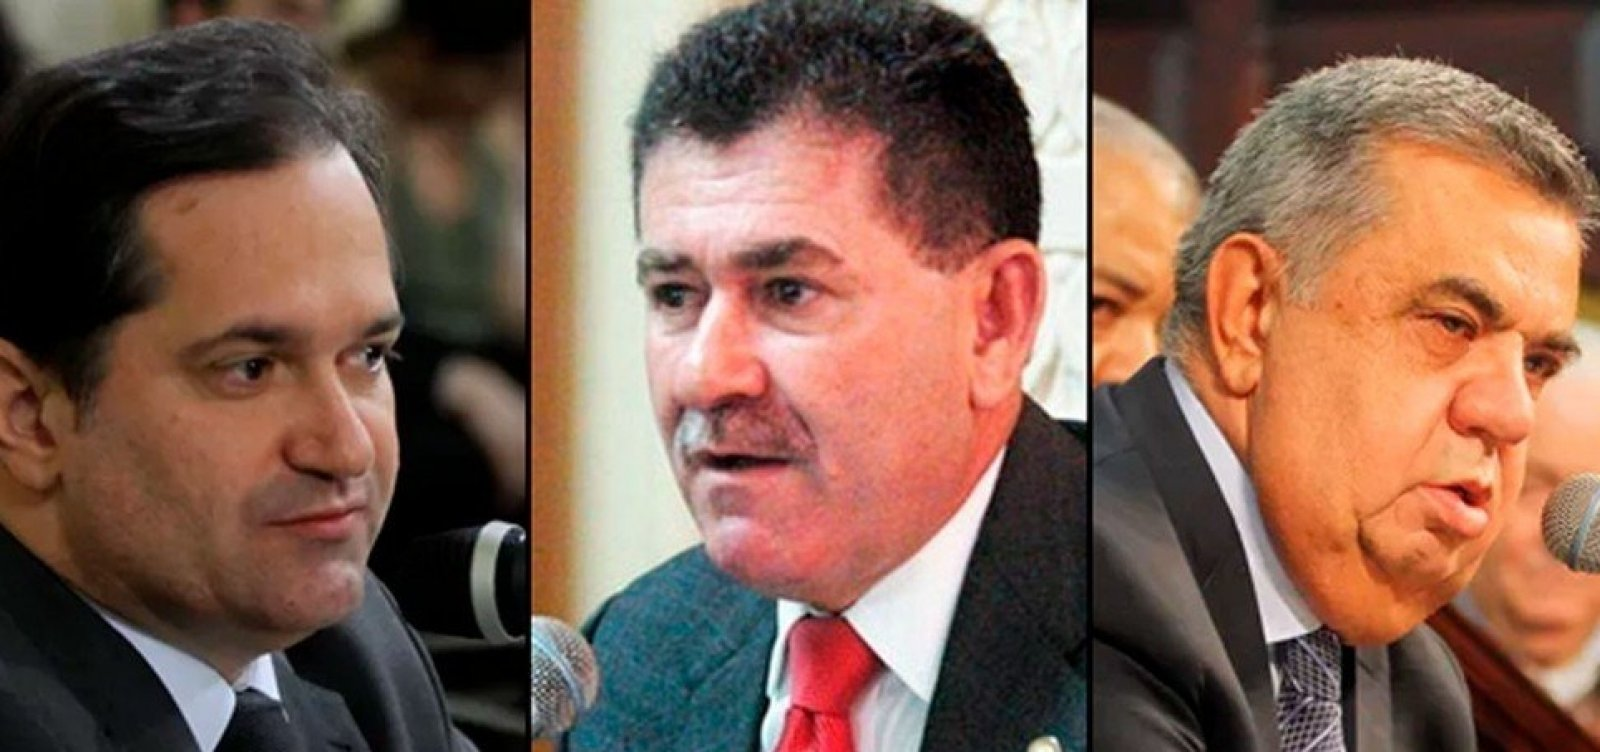 Procuradoria pede condenação de Picciani, Melo e Albertassi para 'organização criminosa'